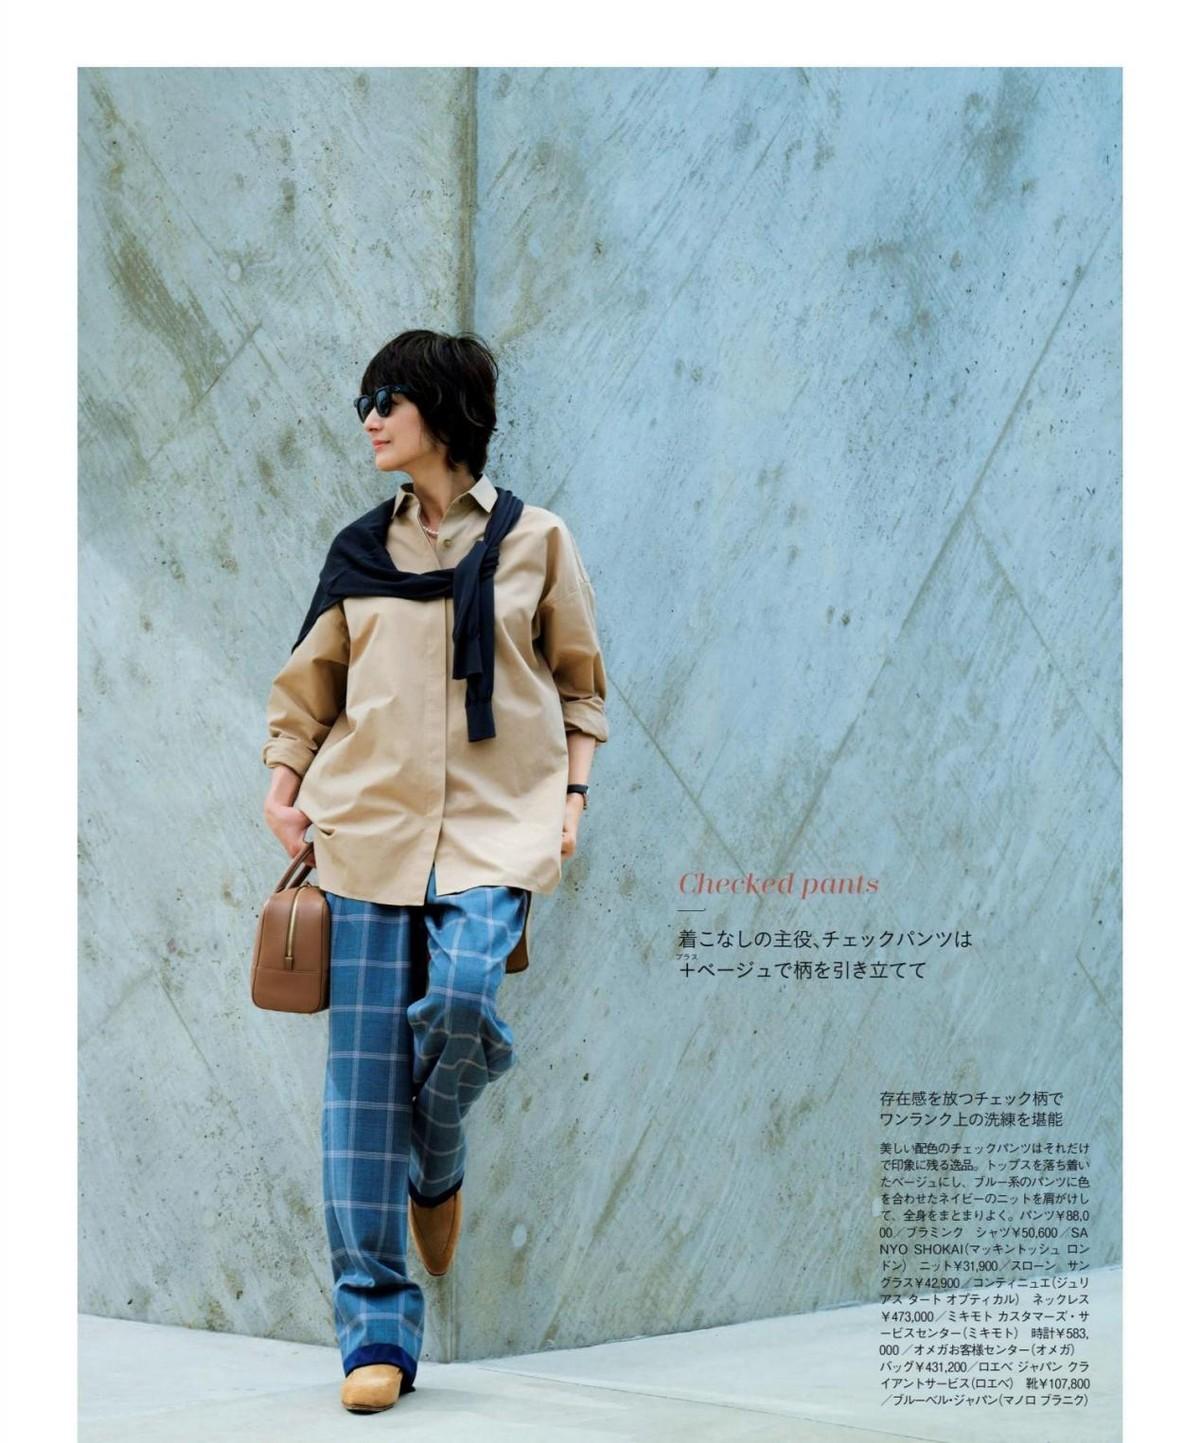 52歲的富岡佳子太會穿,簡約大氣又有高級的穿搭,優雅又有女人味 形象穿搭 第10張